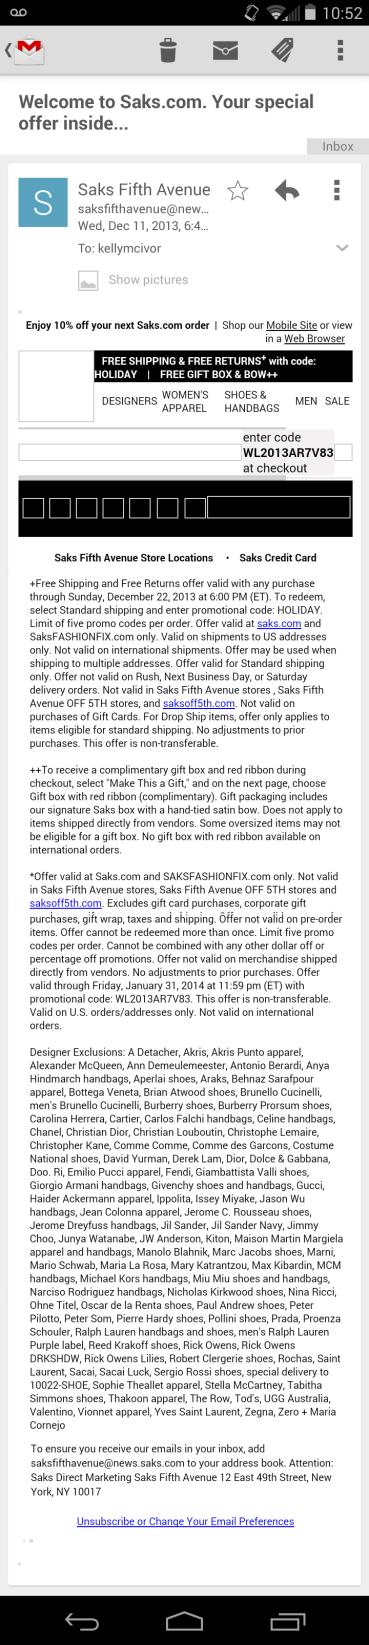 image: Saks' Full email